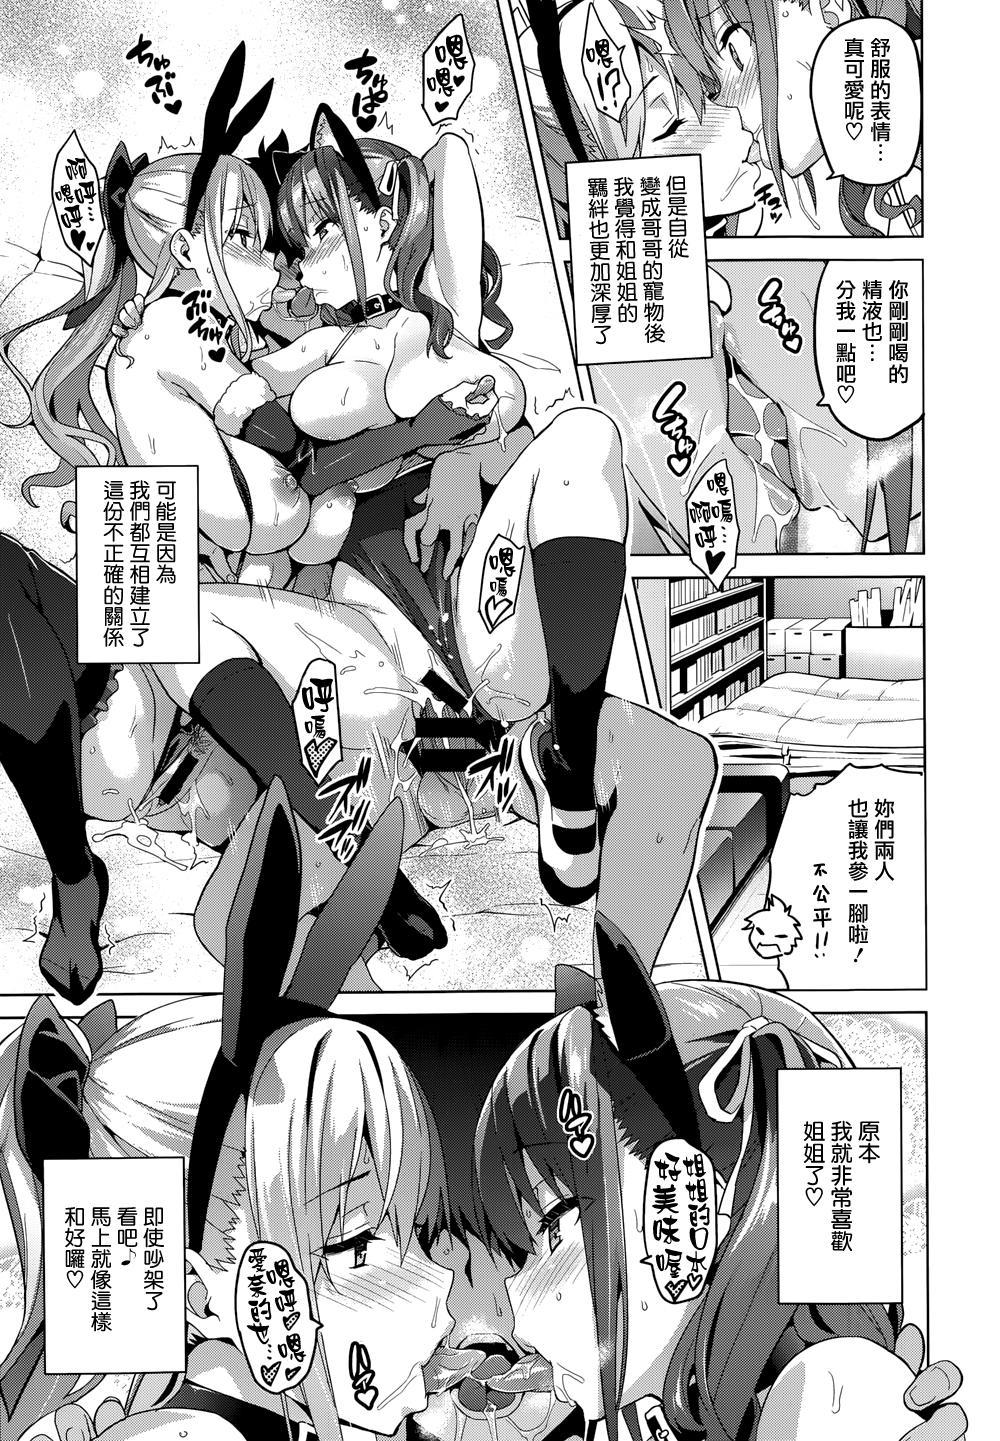 [武田弘光] シスタ ブリーダ~大宮家(妹)の秘め事~(COMIC X-EROS #20) [天鵝之戀漢化](chinese) 38